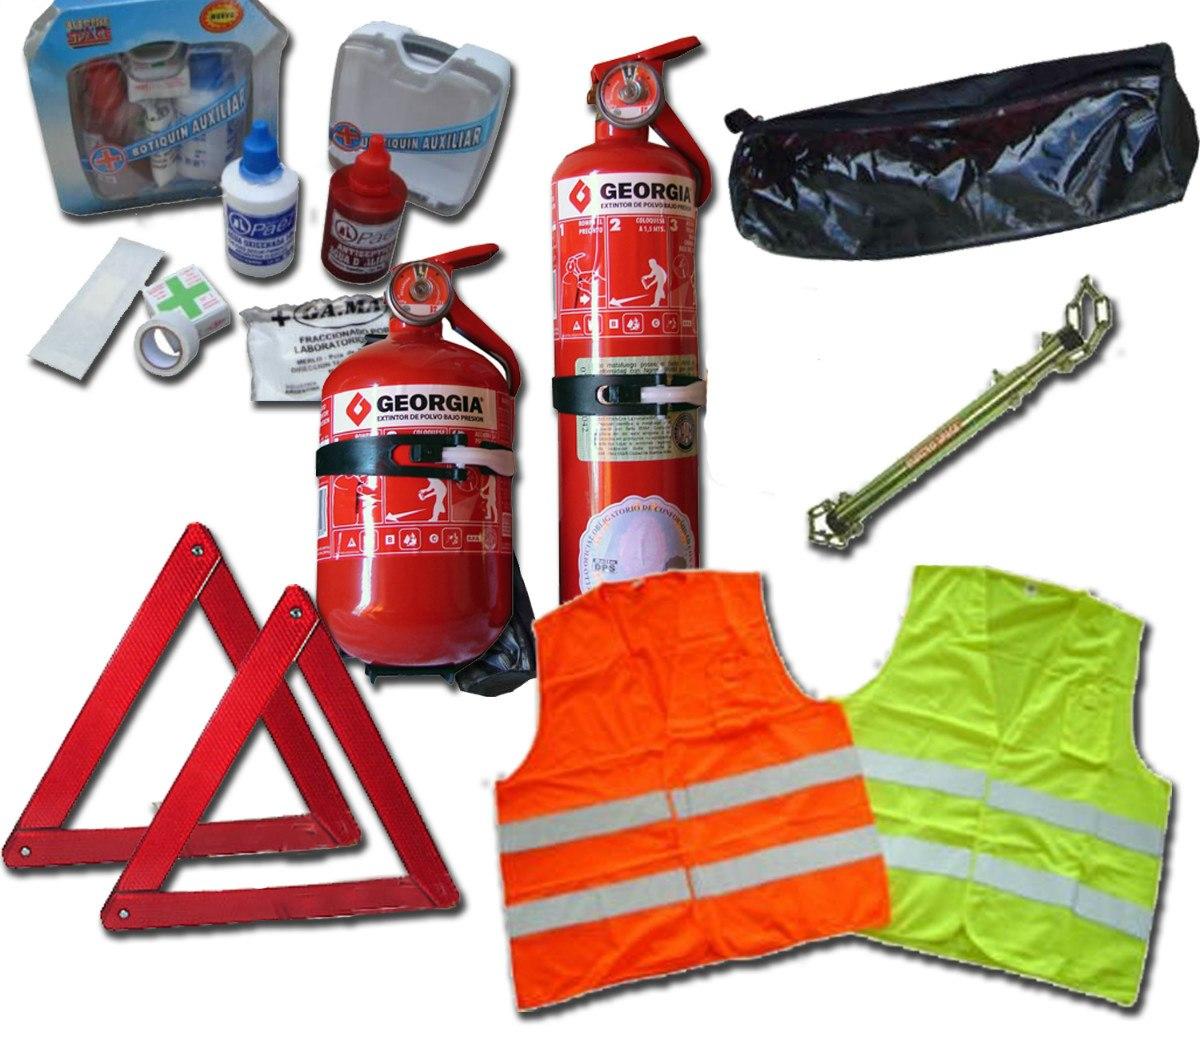 kit reglamentario de emergencia para el automovil 6 en 1 4005 mla1279514723292 f 1